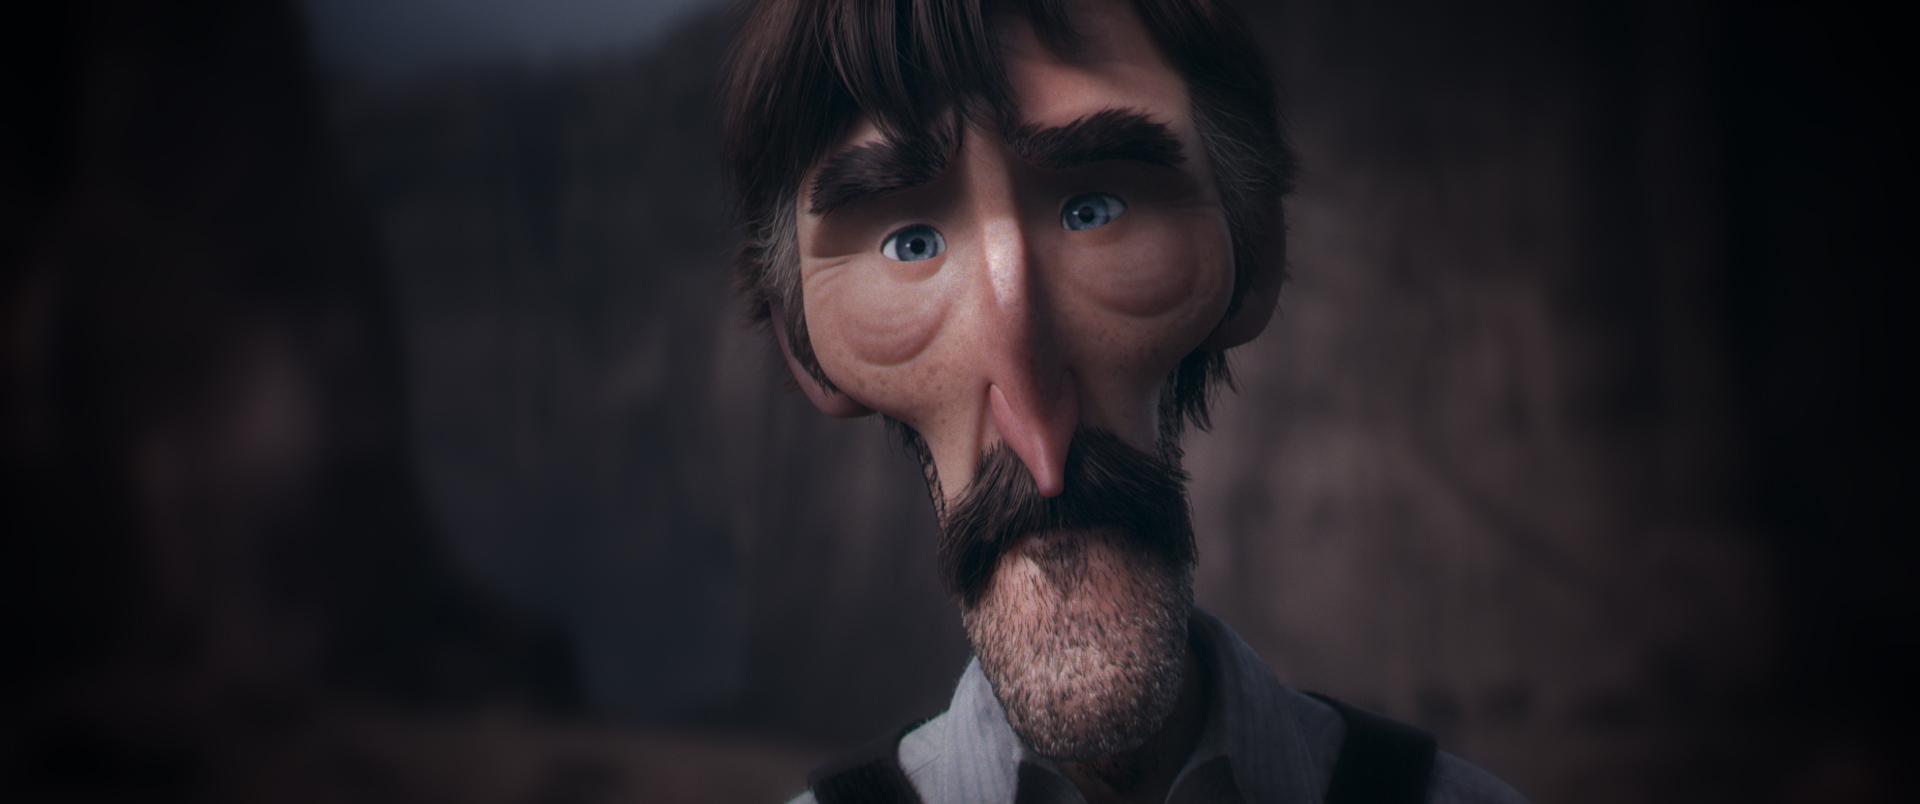 Corto de Pixar